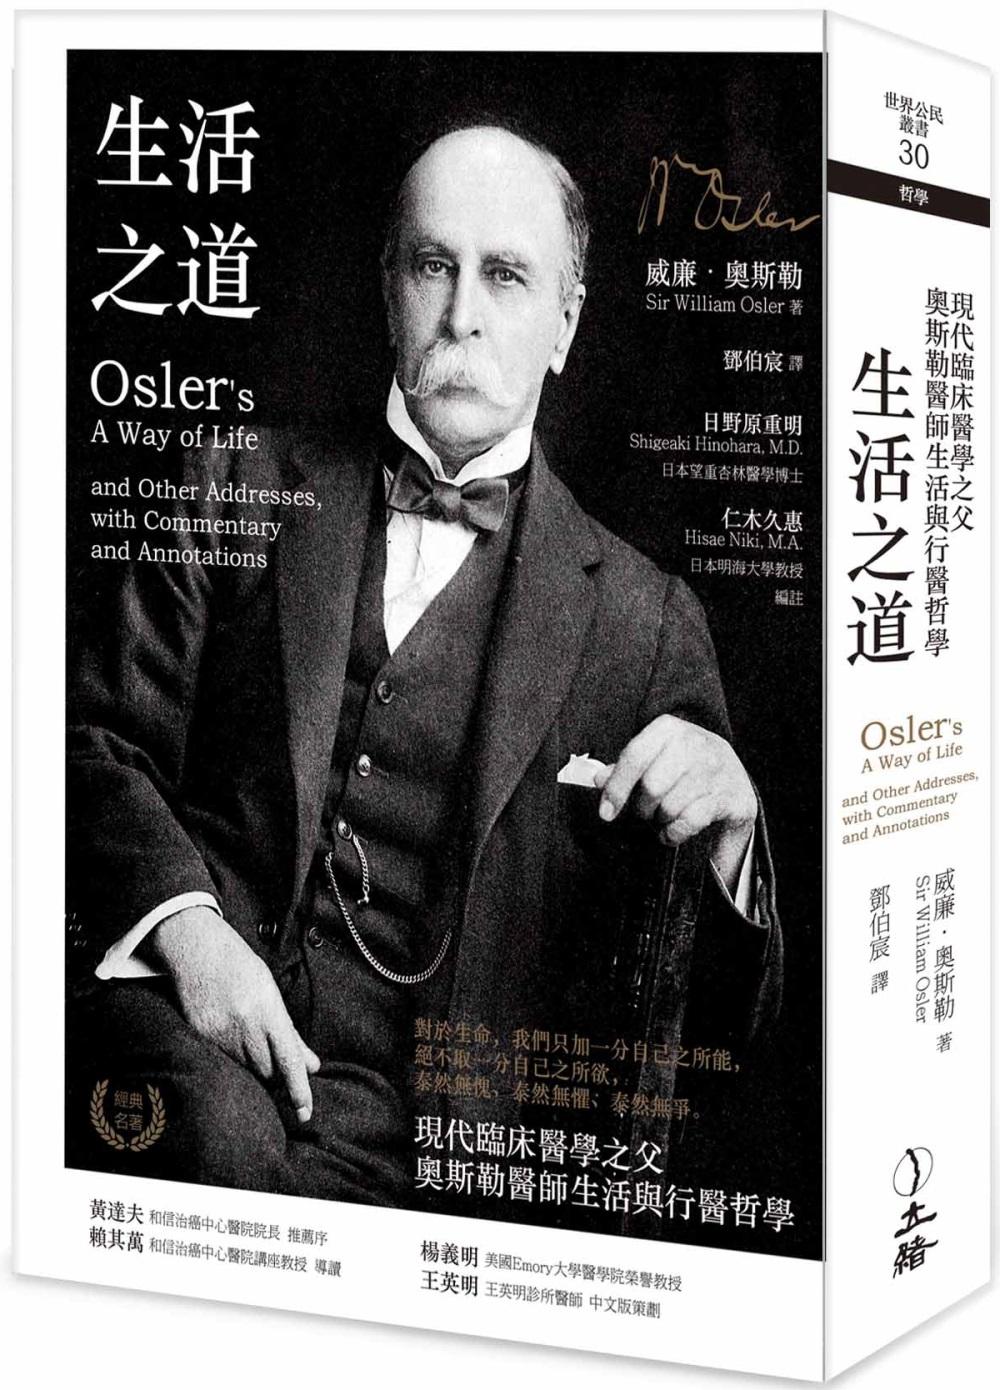 生活之道:現代臨床醫學之父奧斯勒醫師生活與行醫哲學(2021年版)